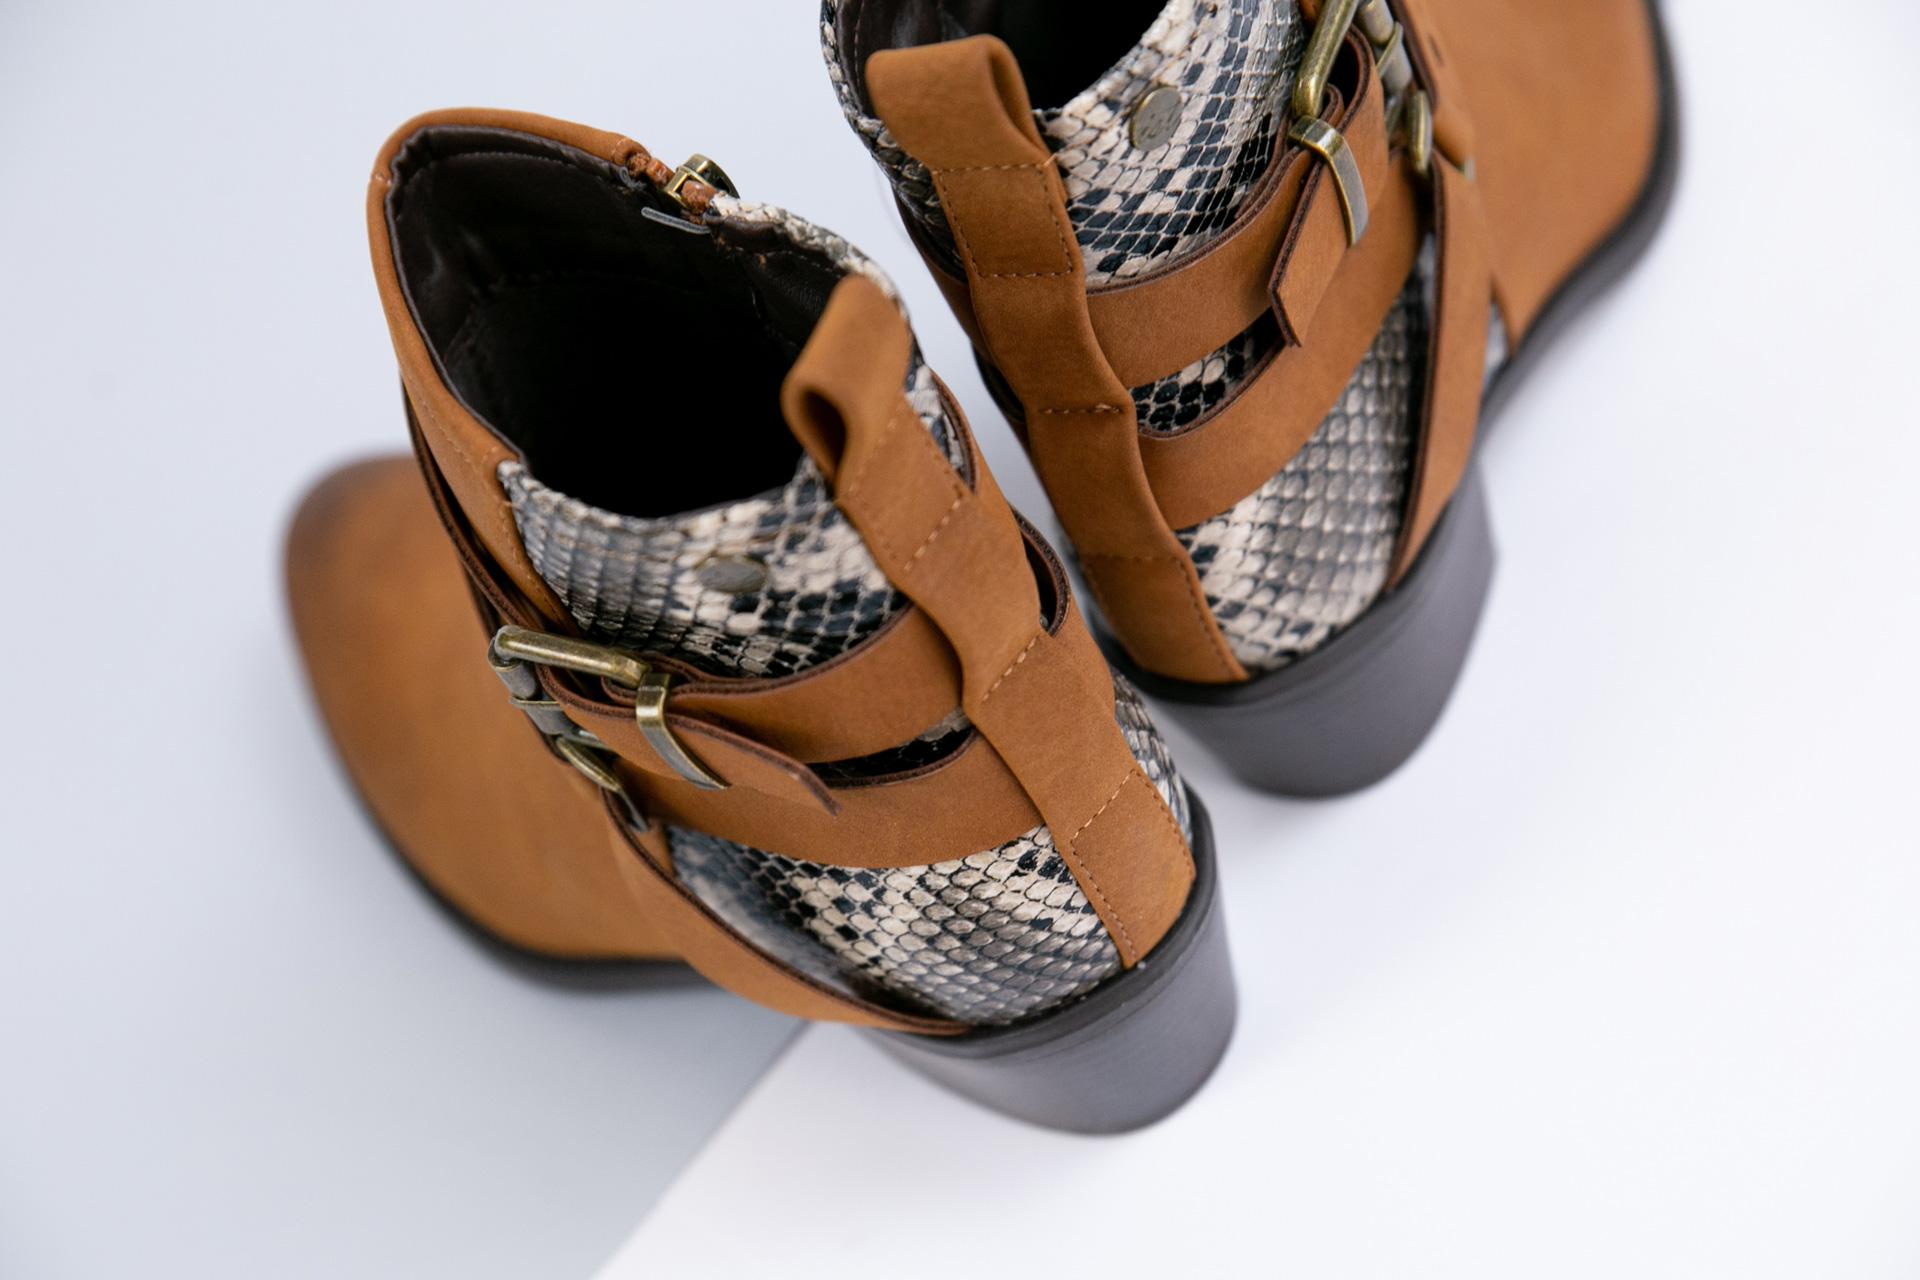 regalos-romanticos-calzado